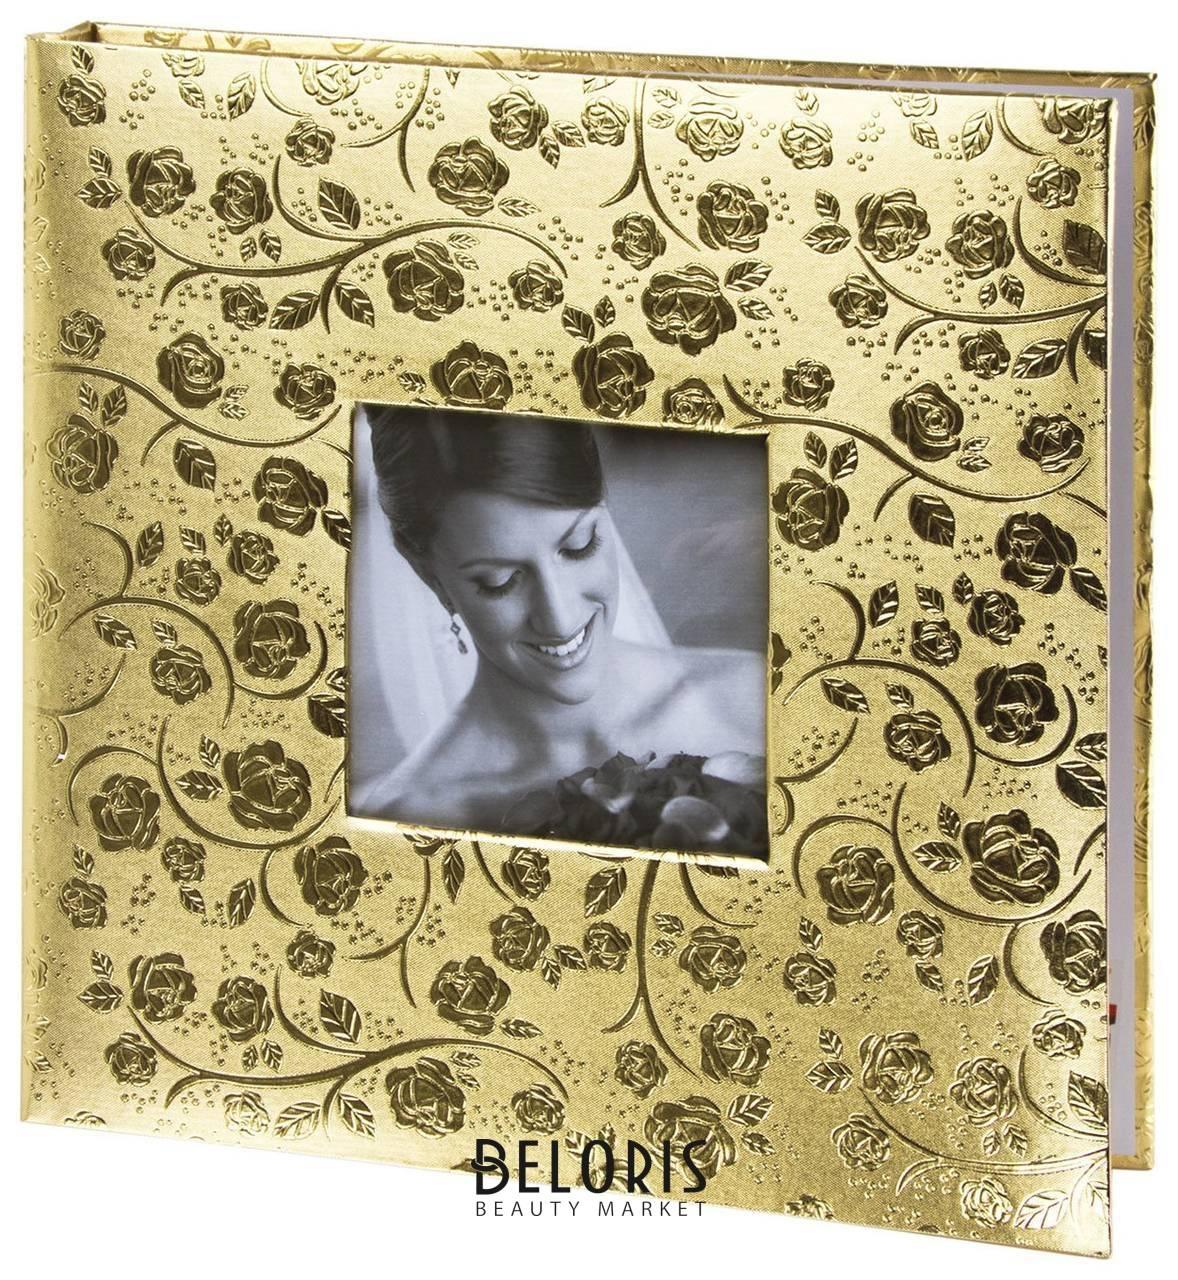 Фотоальбом Brauberg свадебный, 20 магнитных листов 30х32 см, под фактурную кожу, светло-золотистый Brauberg